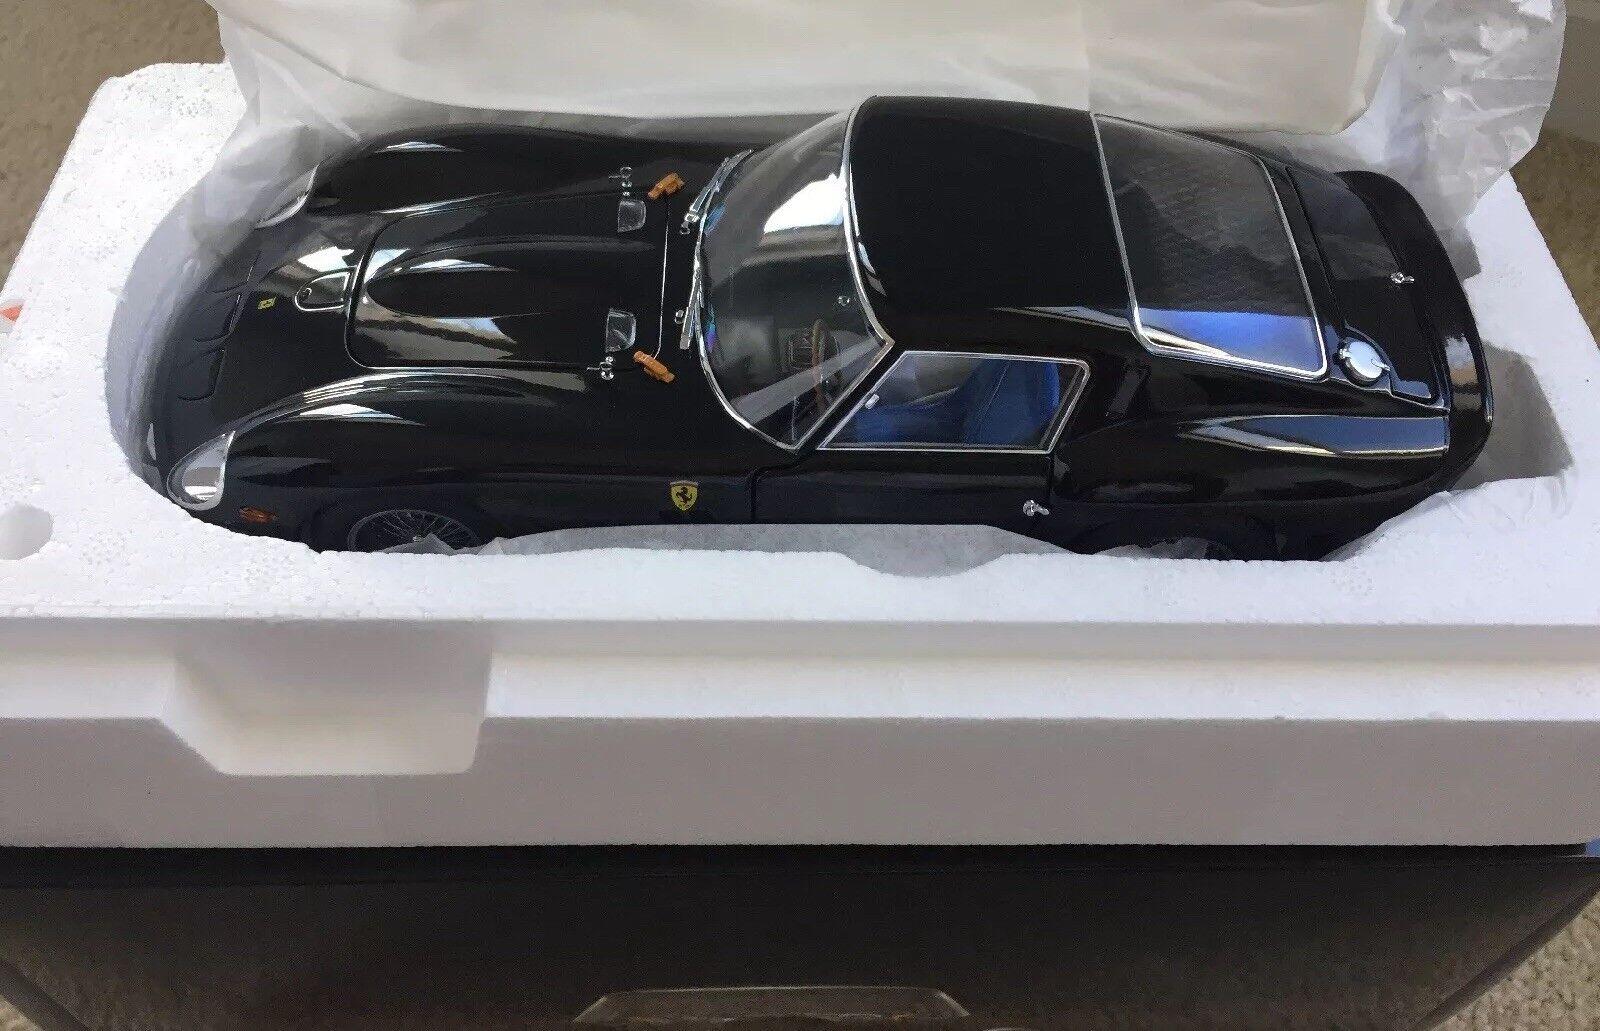 calidad fantástica 1 18 18 18 Kyosho Ferrari 250 Gto Negro Raro Agotado  costo real